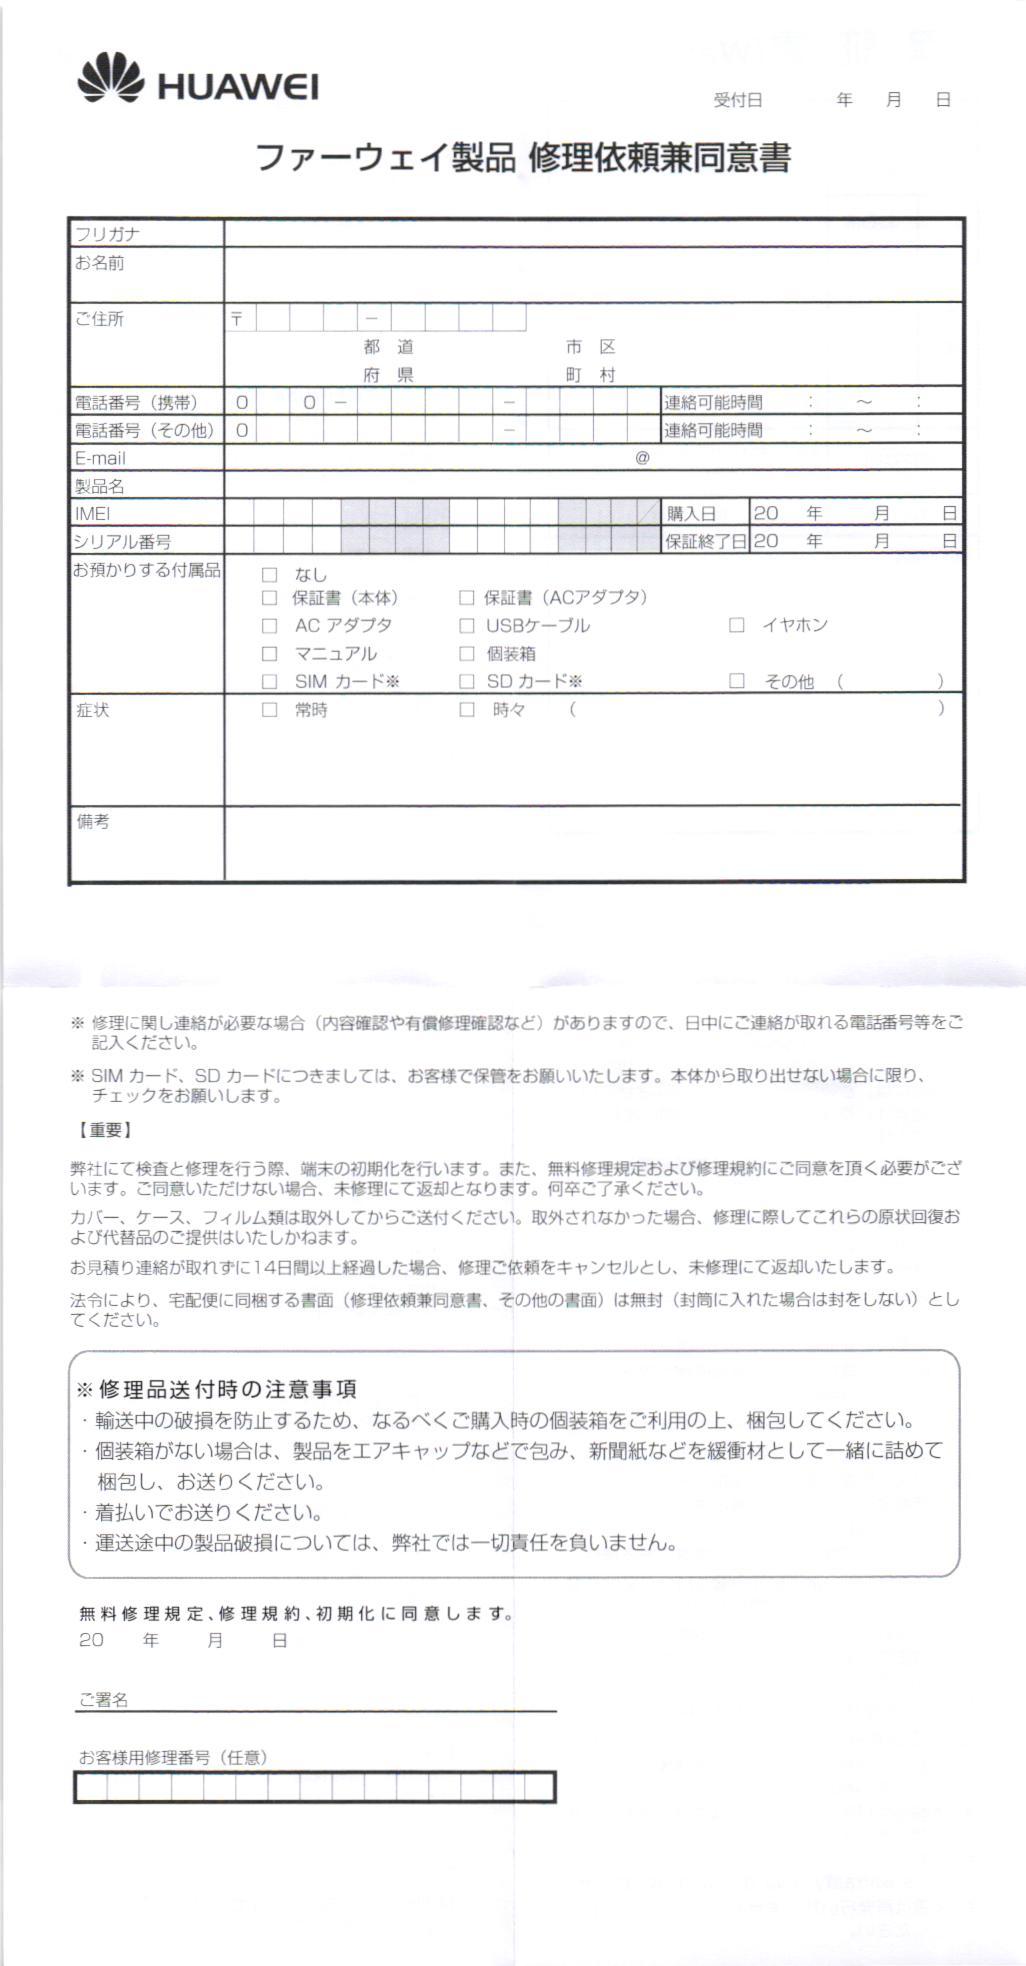 Huawei mate 9 付属品 保証書 日本語 1